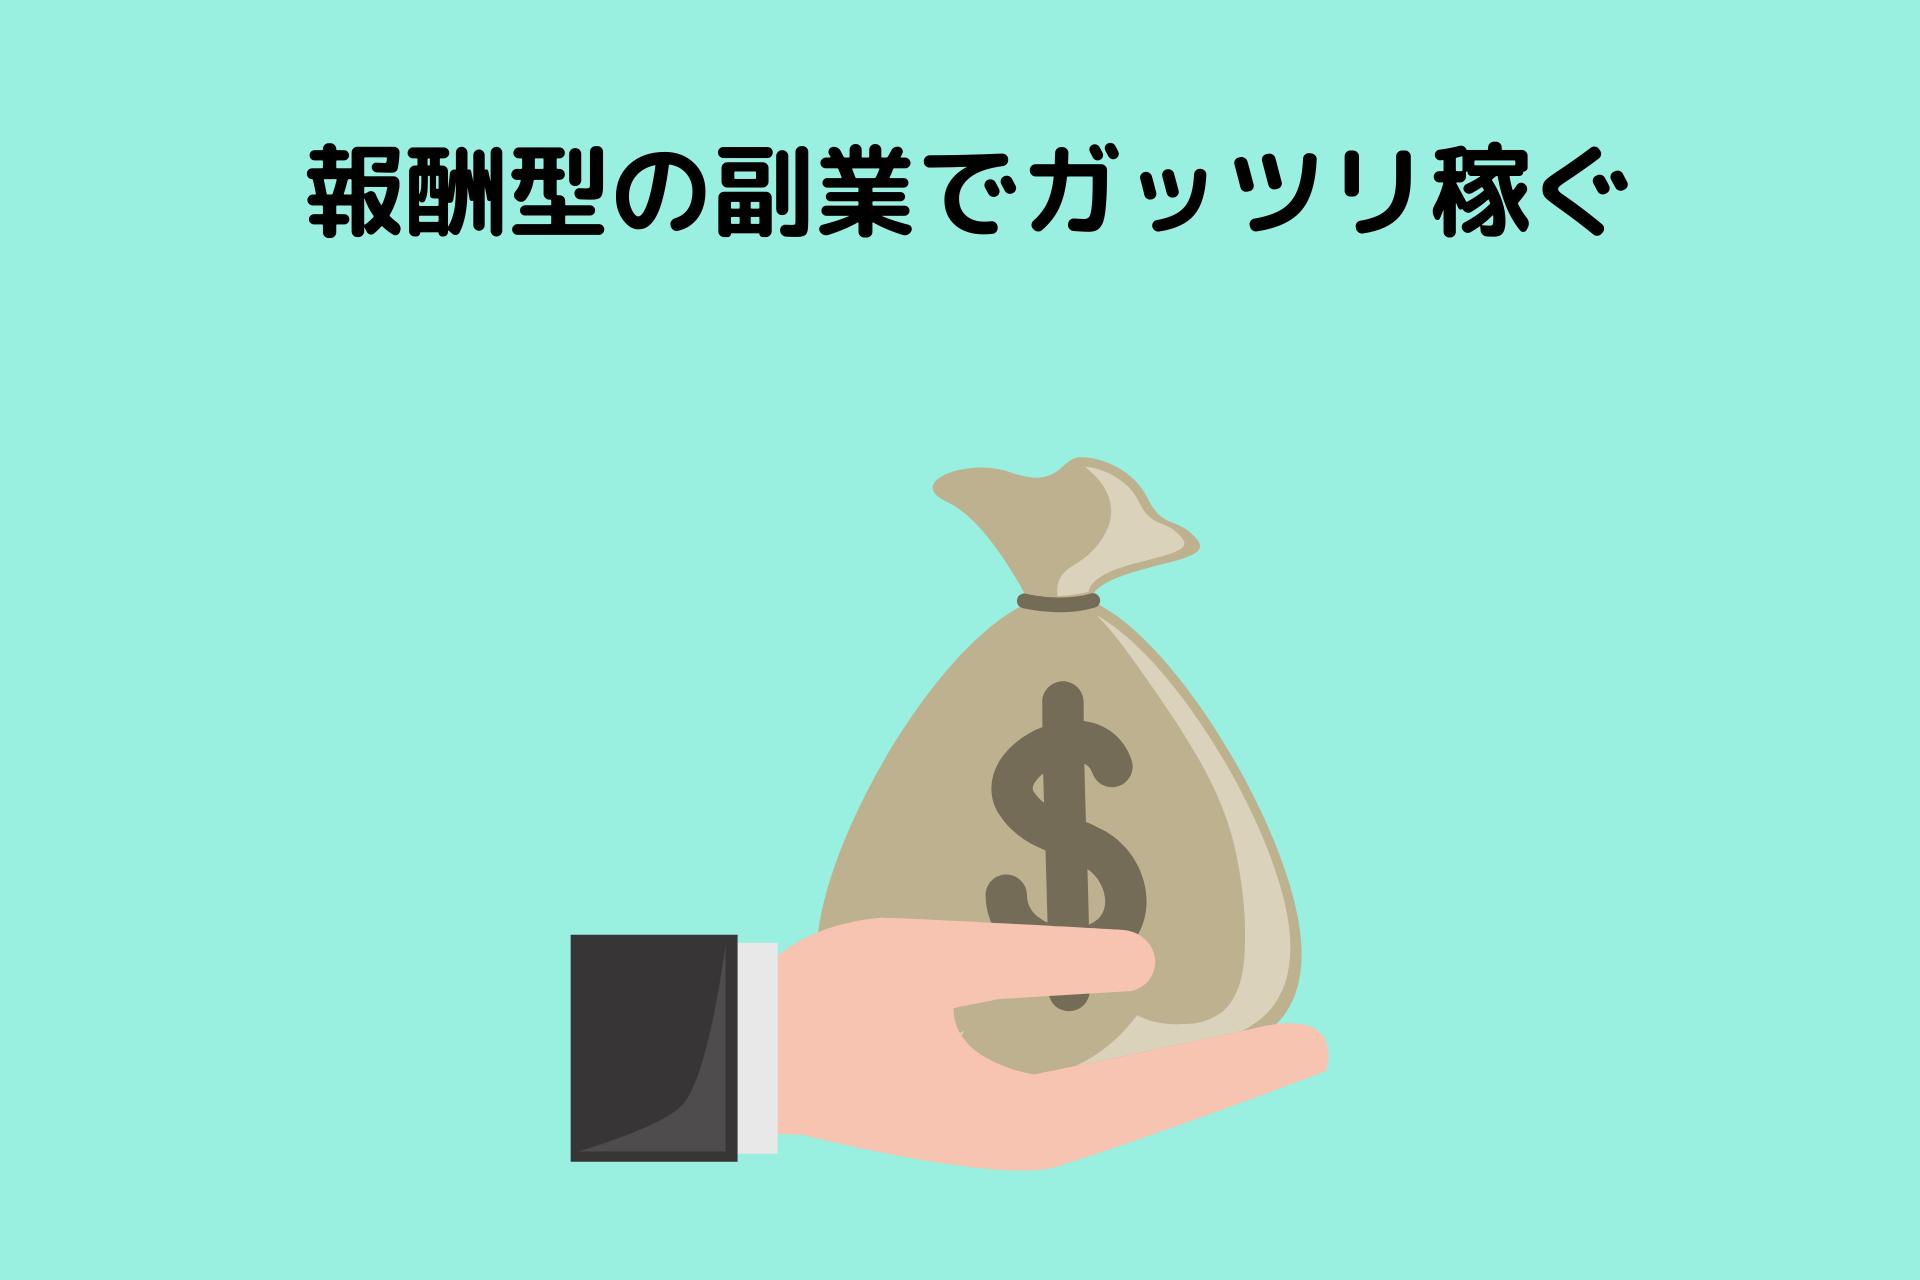 「報酬型」の好きなことでお金を稼ぐ